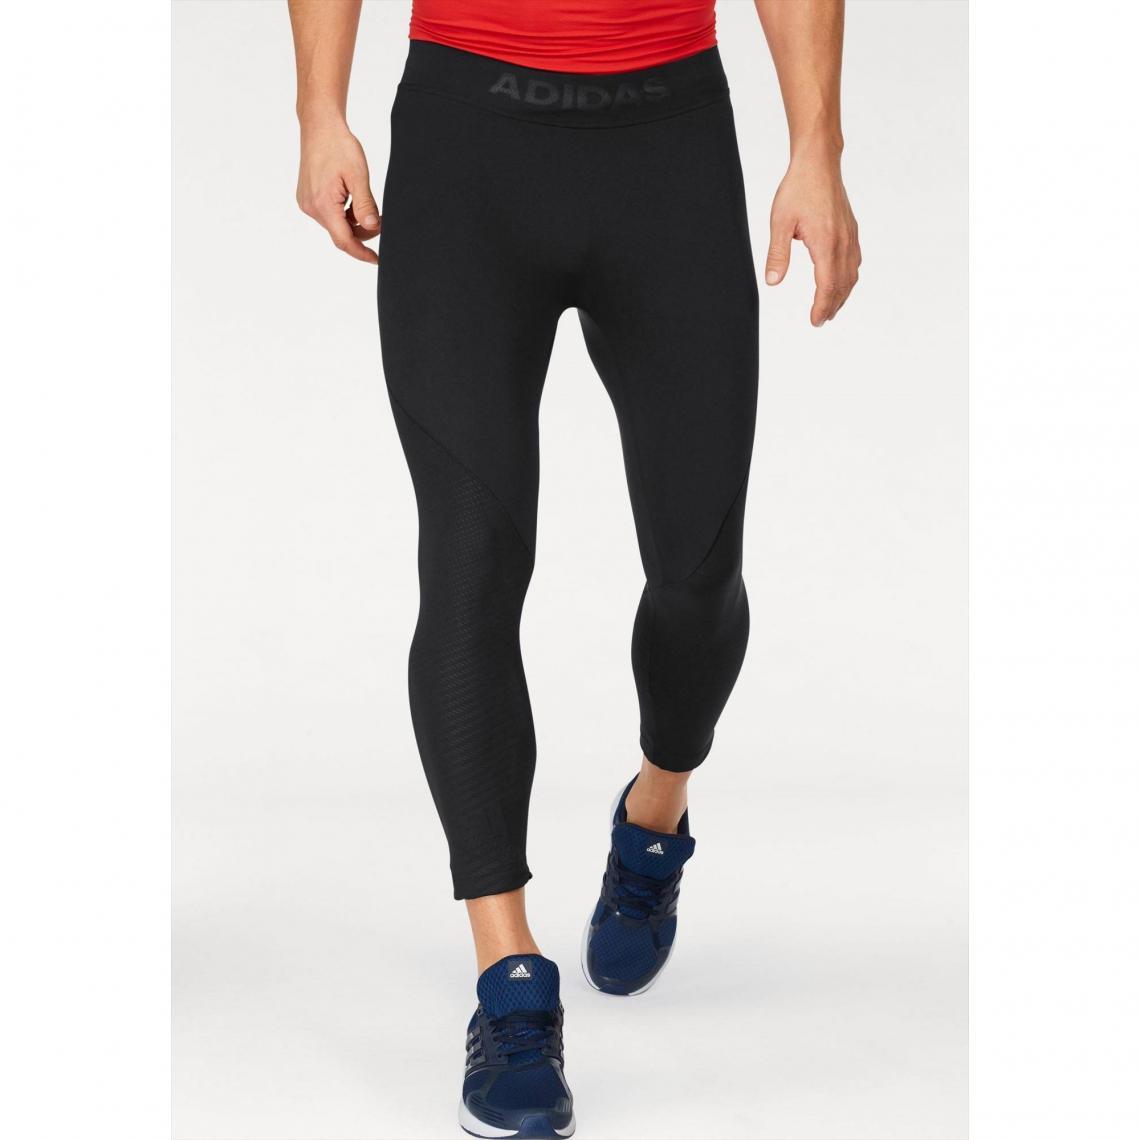 Legging de sport 34 homme Climacool® adidas Performance Noir Plus de détails